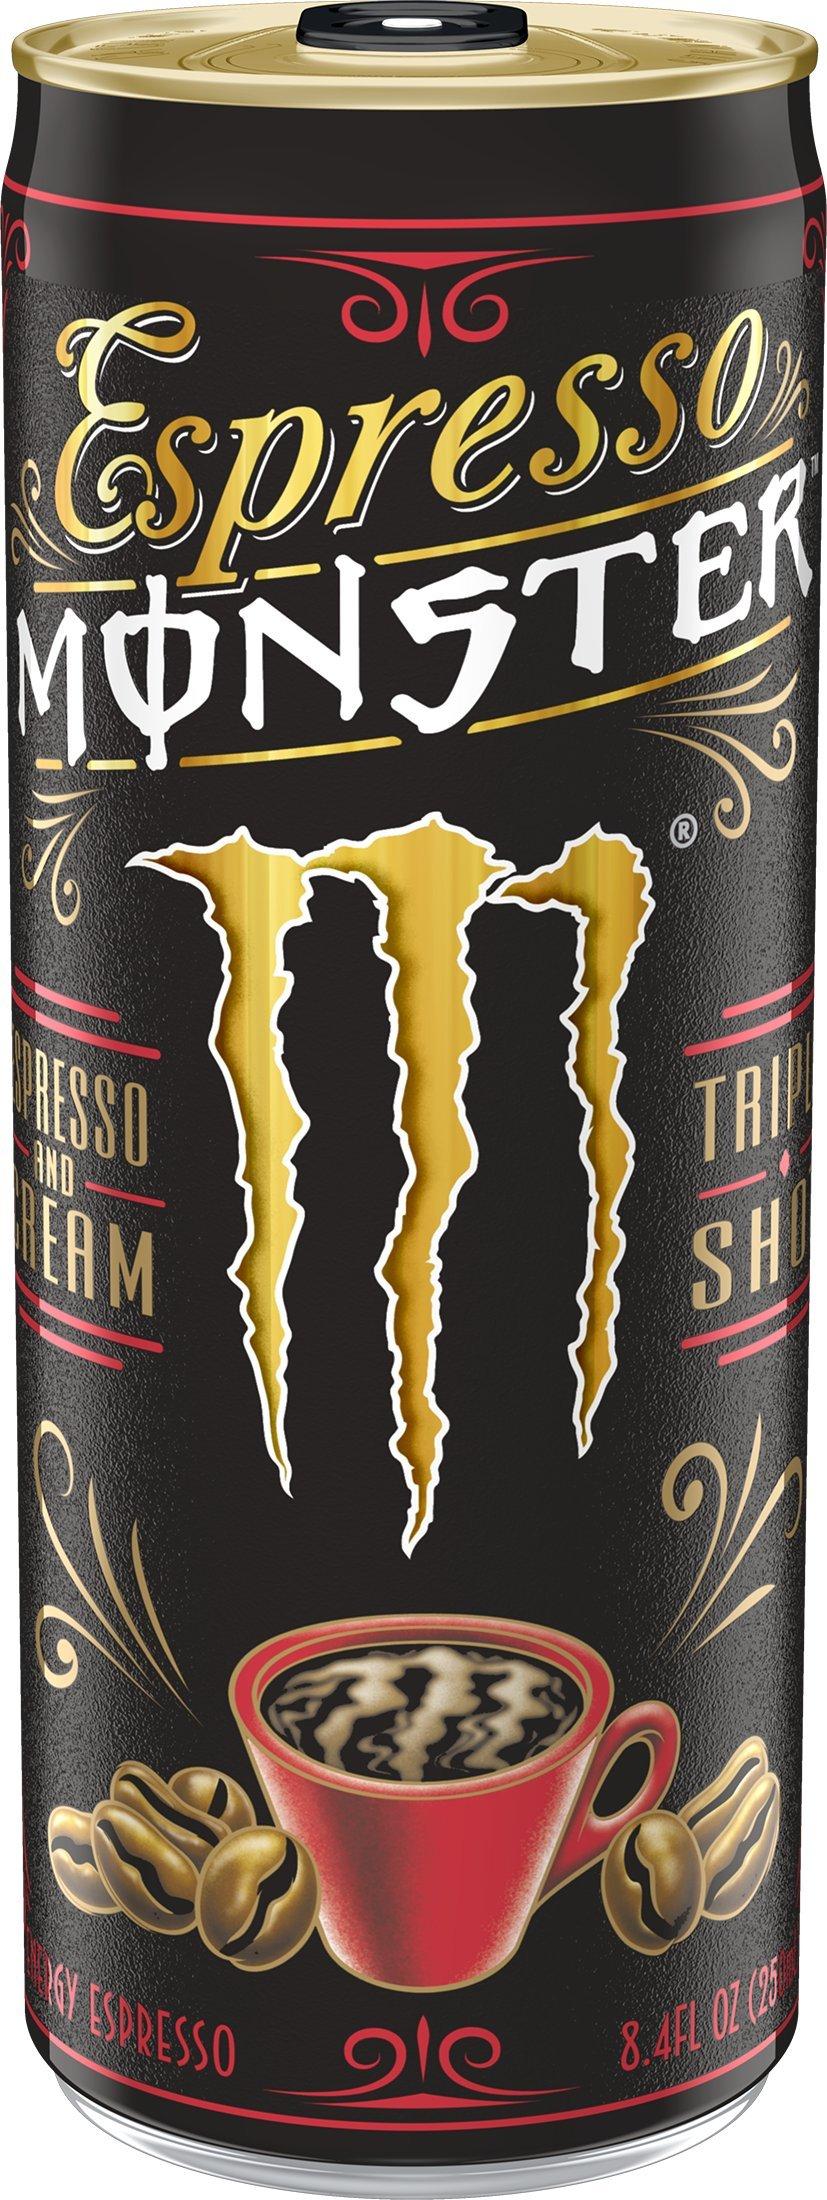 Espresso Monster, Espresso and Cream, 8.4 ounce (Pack of 12)